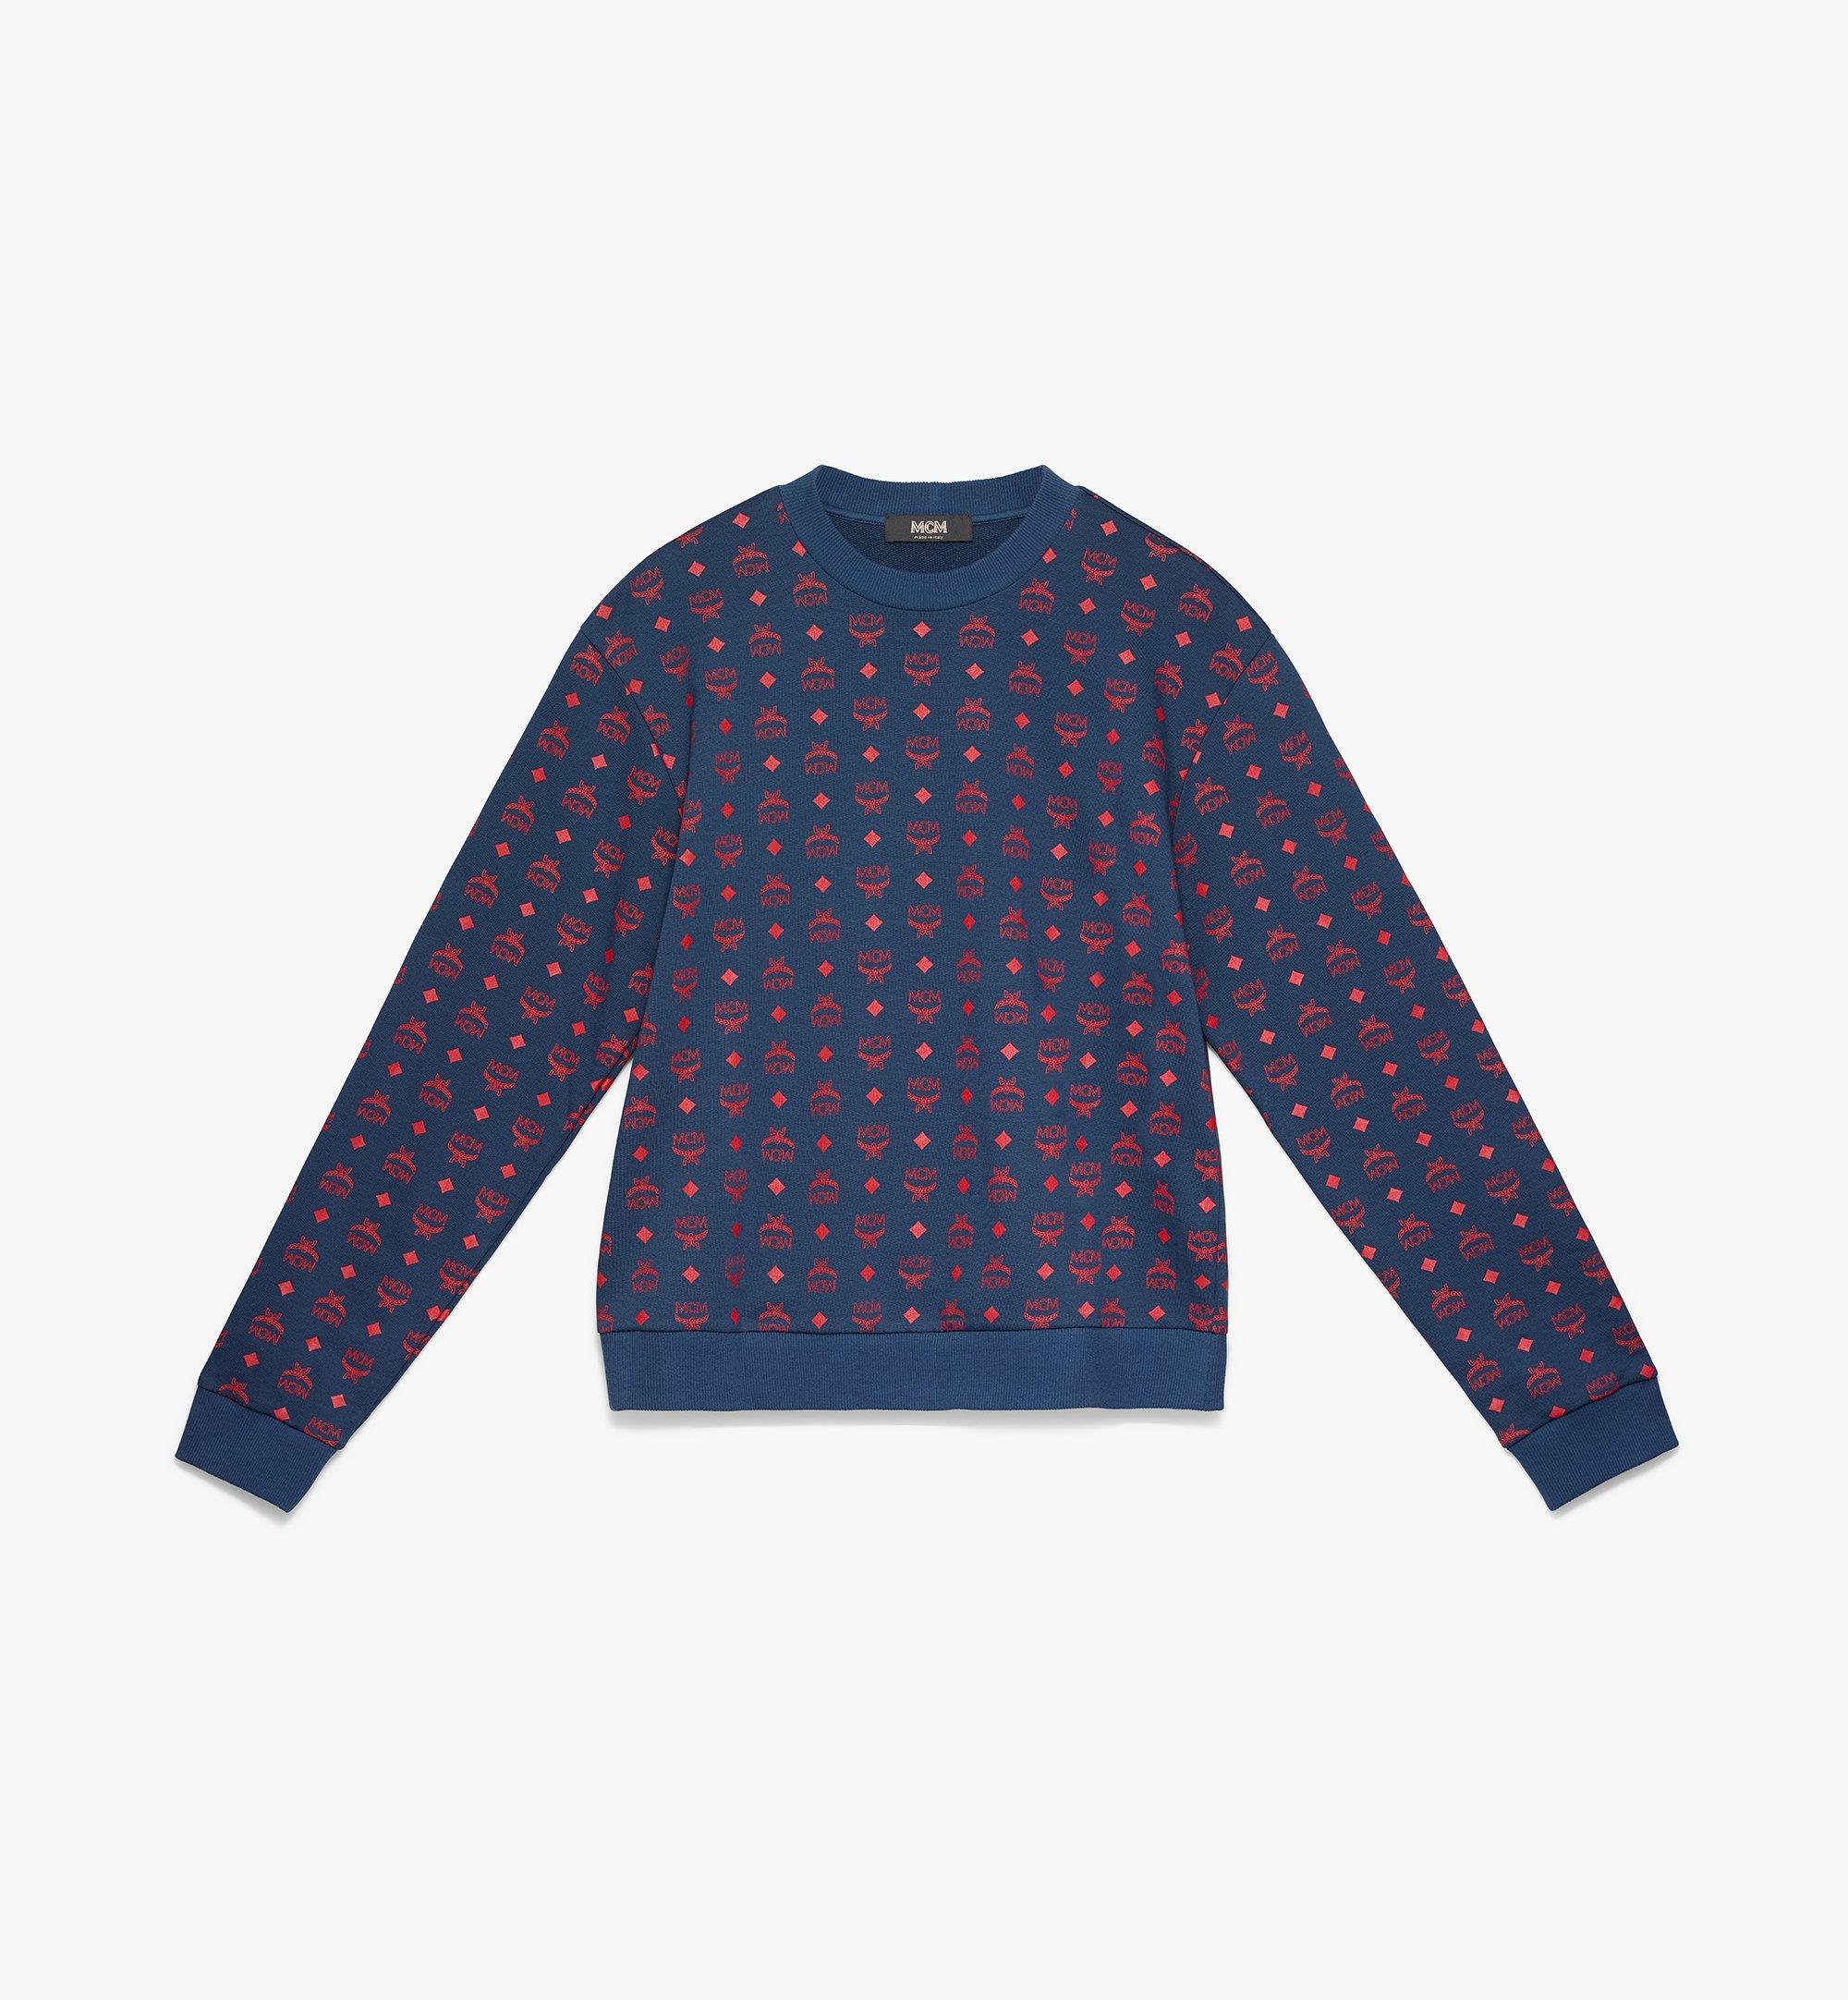 Men's Oversized Sweatshirt in Visetos